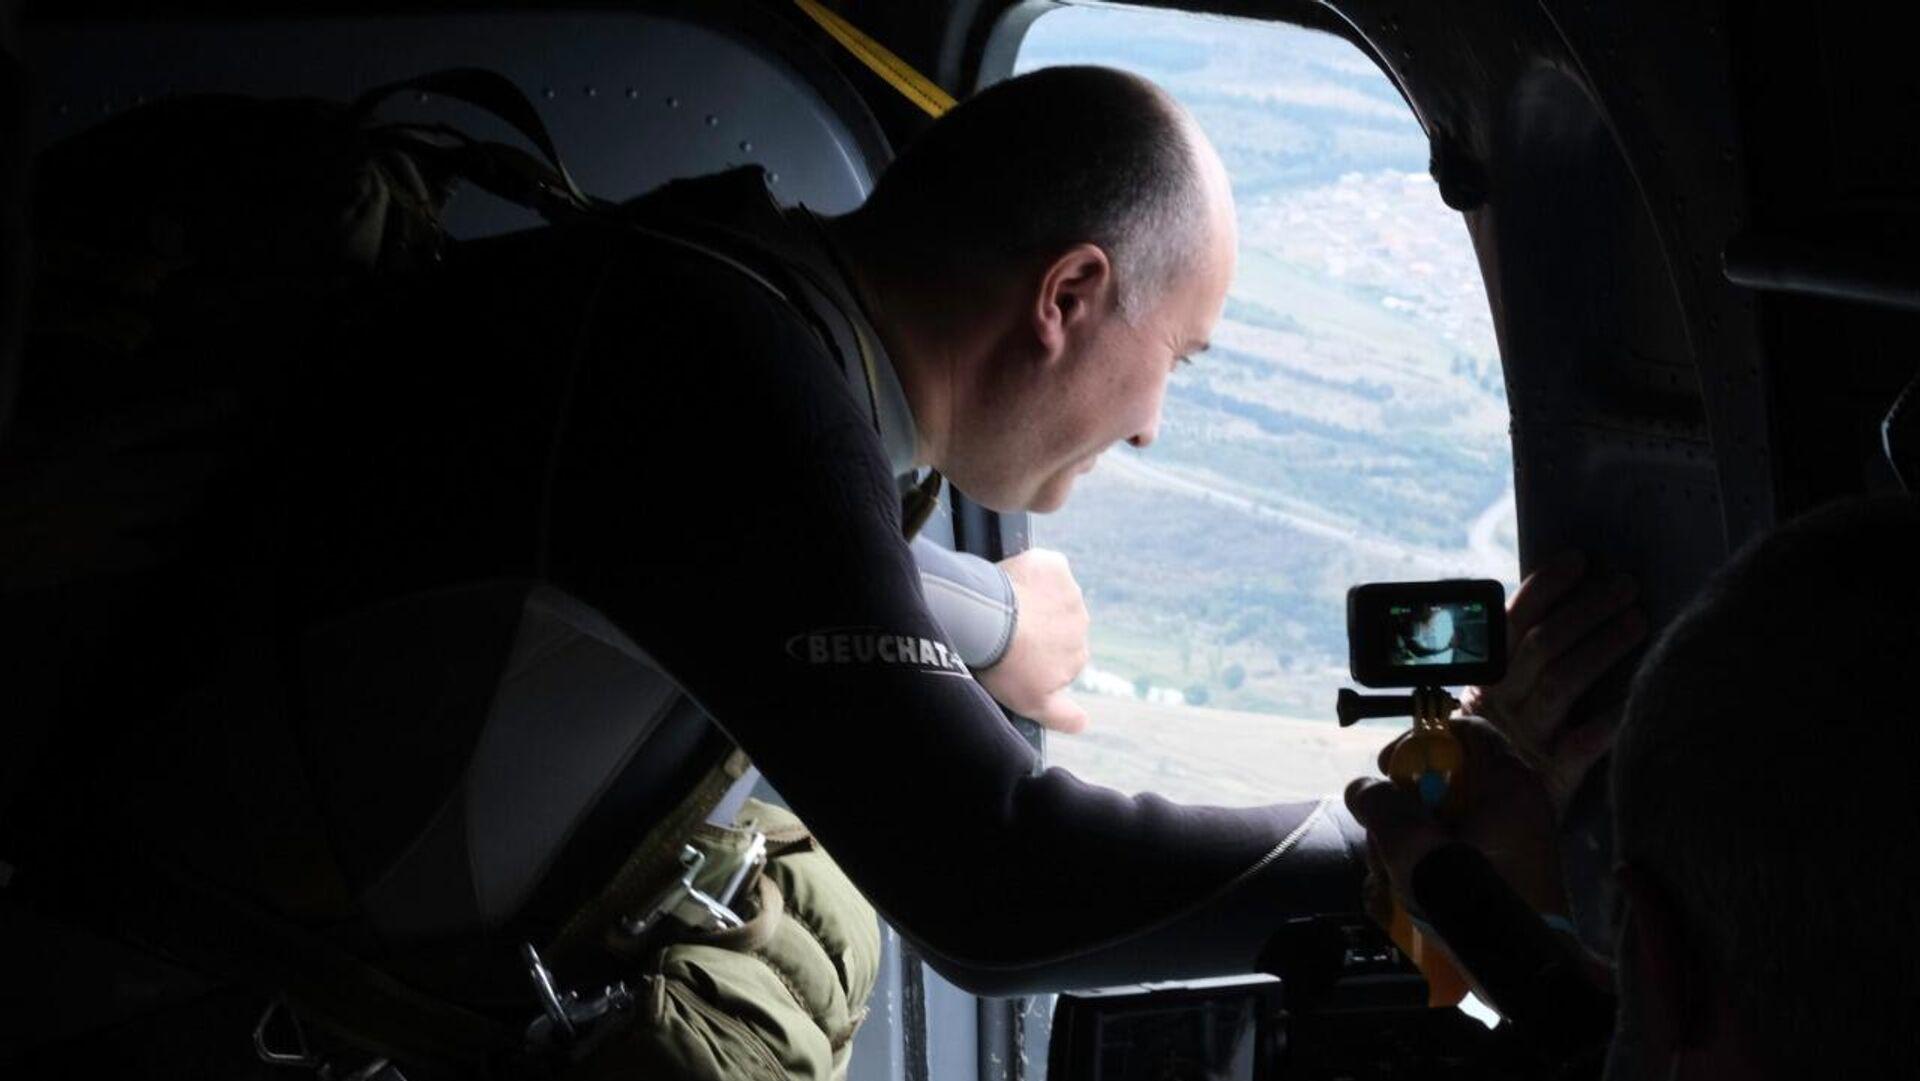 Министр обороны Грузии Джуаншер Бурчуладзе совершил прыжок с парашютом  - Sputnik Грузия, 1920, 29.09.2021